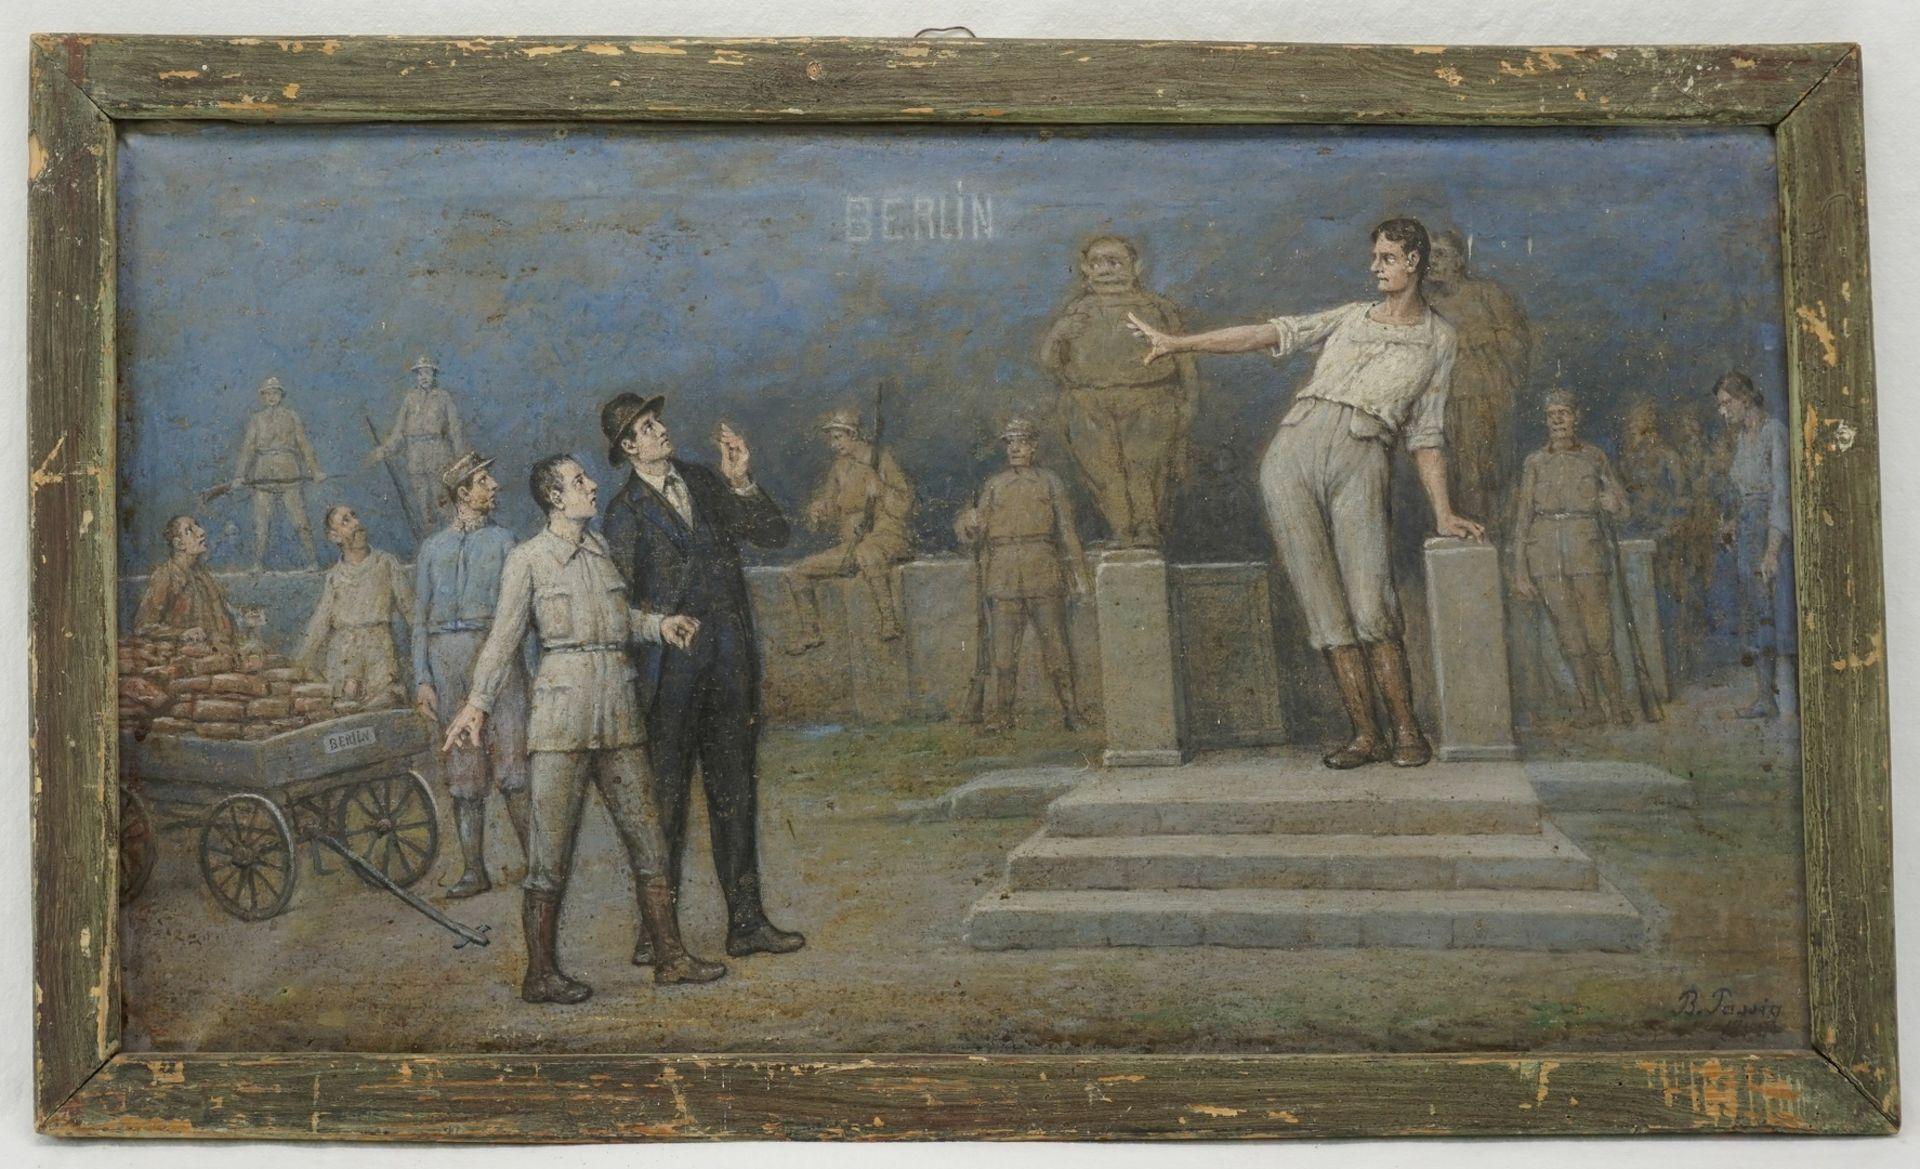 Bendix Passig, Der Wiederaufbau Berlins unter den Siegermächten ( ) - Bild 2 aus 4